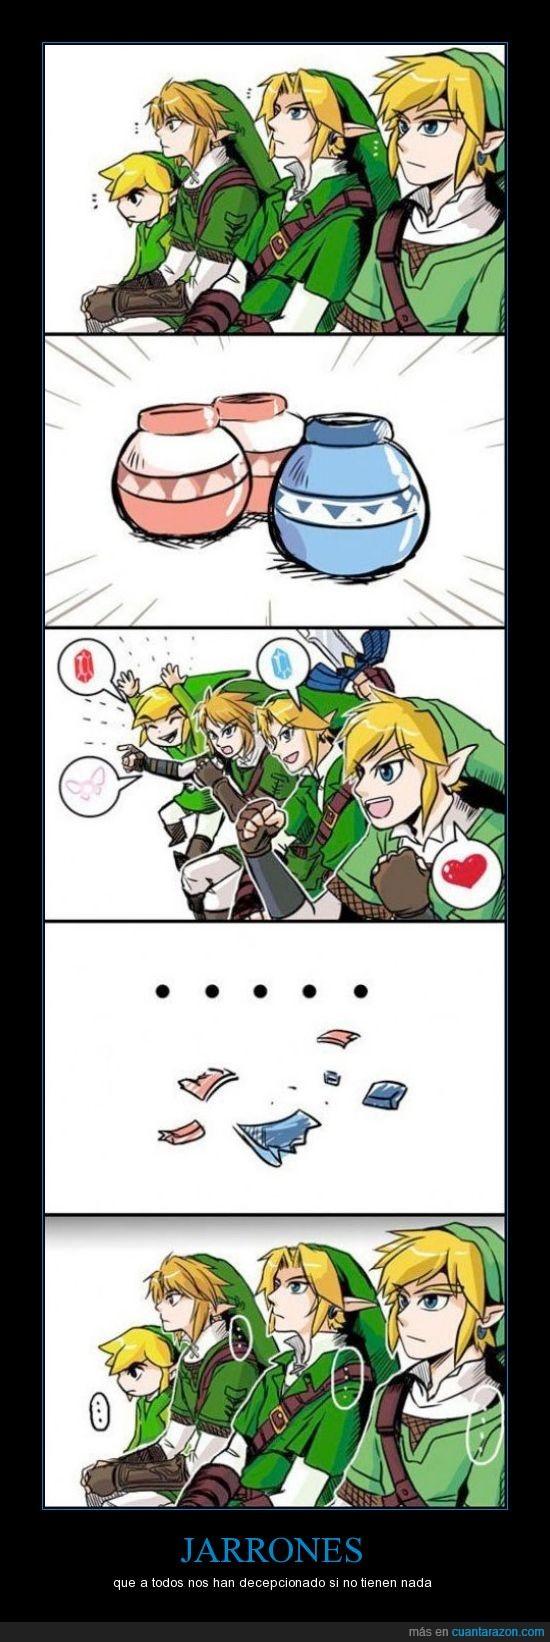 jarrones,Link,reaction guys,rupias,zelda